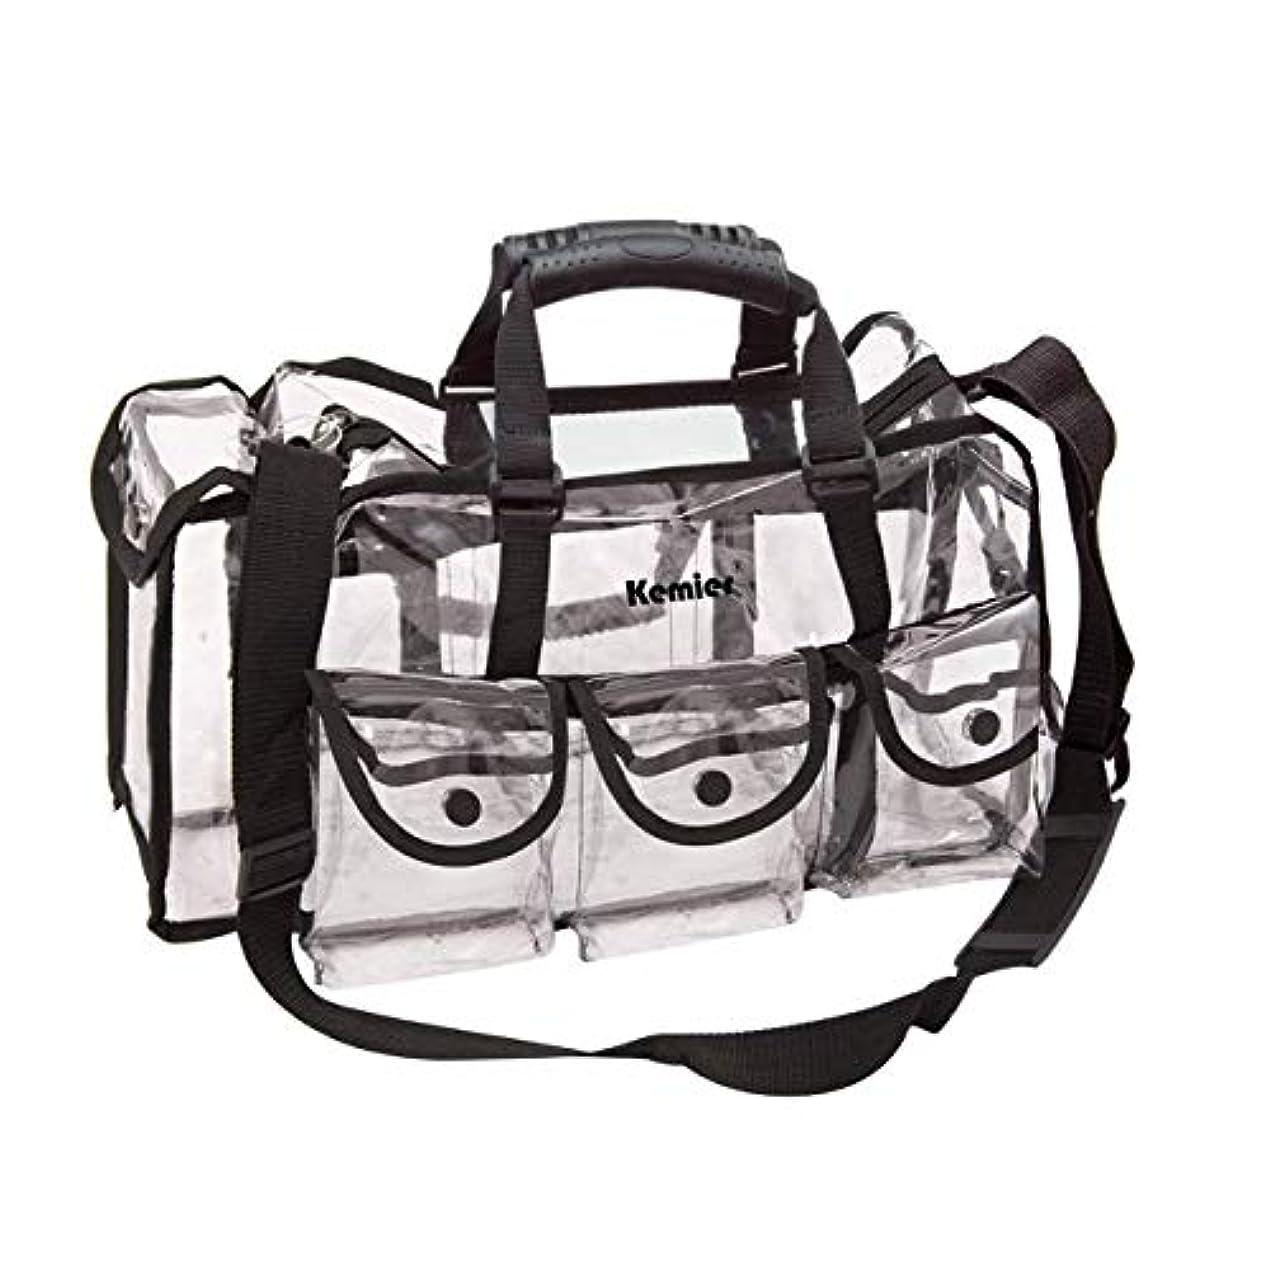 質量高齢者内側Kemier 透明 ハンドバッグ 機能的 コスメポーチ メイクポーチ メイクケース 小物入れ 化粧道具 整理整頓 軽量 防水 旅行 小物入れ 6つの外側ポケット付き